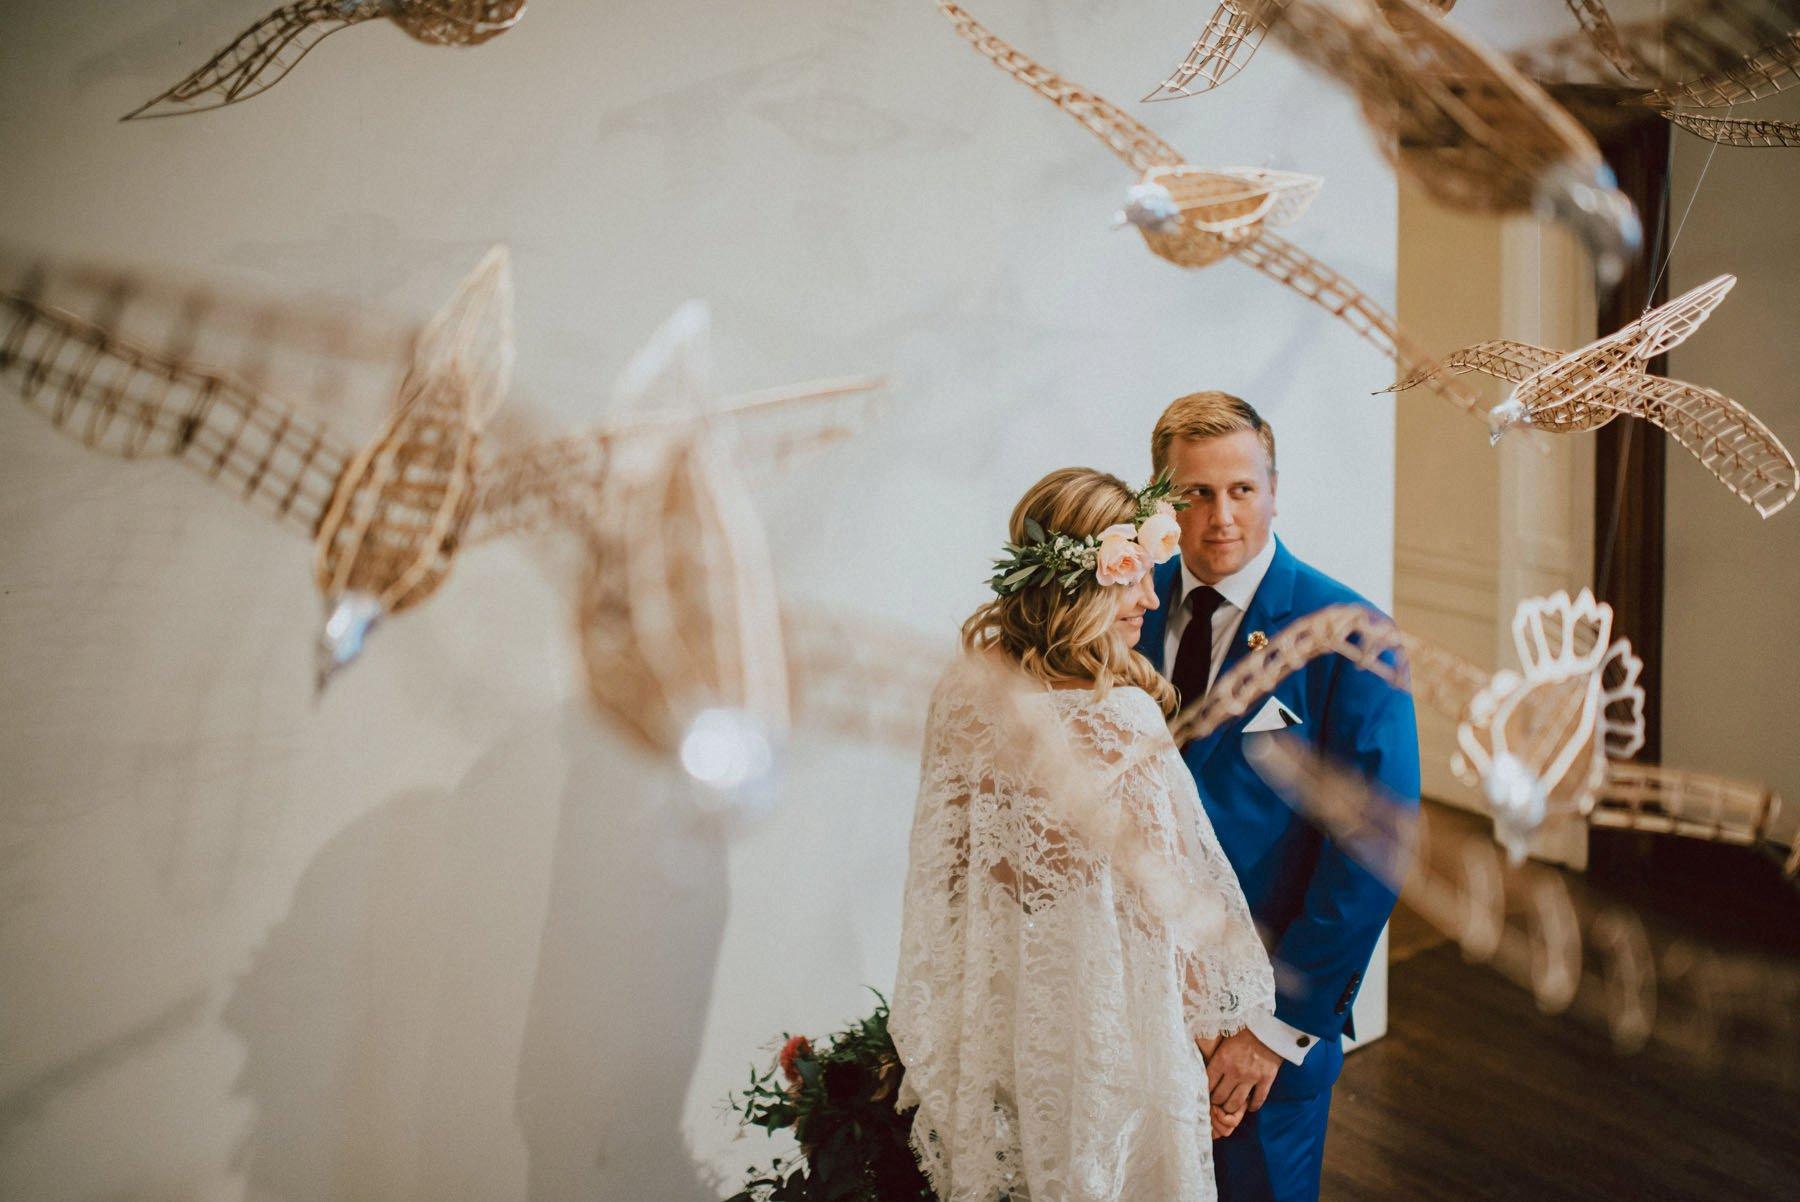 la-cheri-philadelphia-wedding-18.jpg